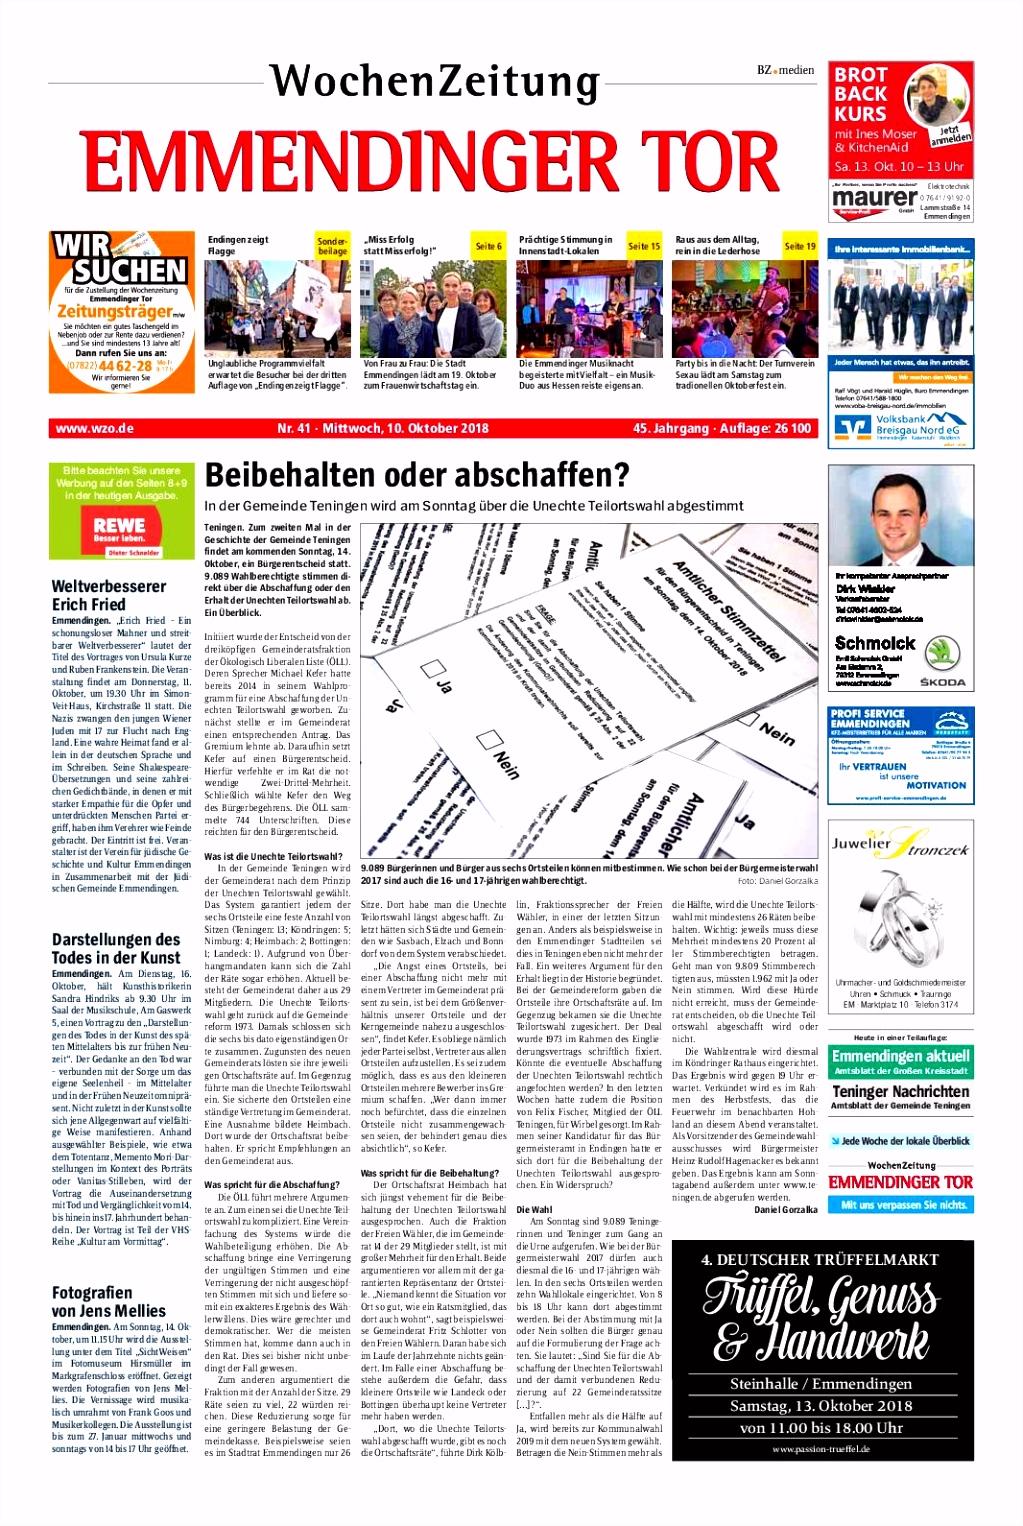 Widerspruch Dynamik Rentenversicherung Vorlage Calaméo Emmendinger tor U3jj84jsv3 Nungsusaqv